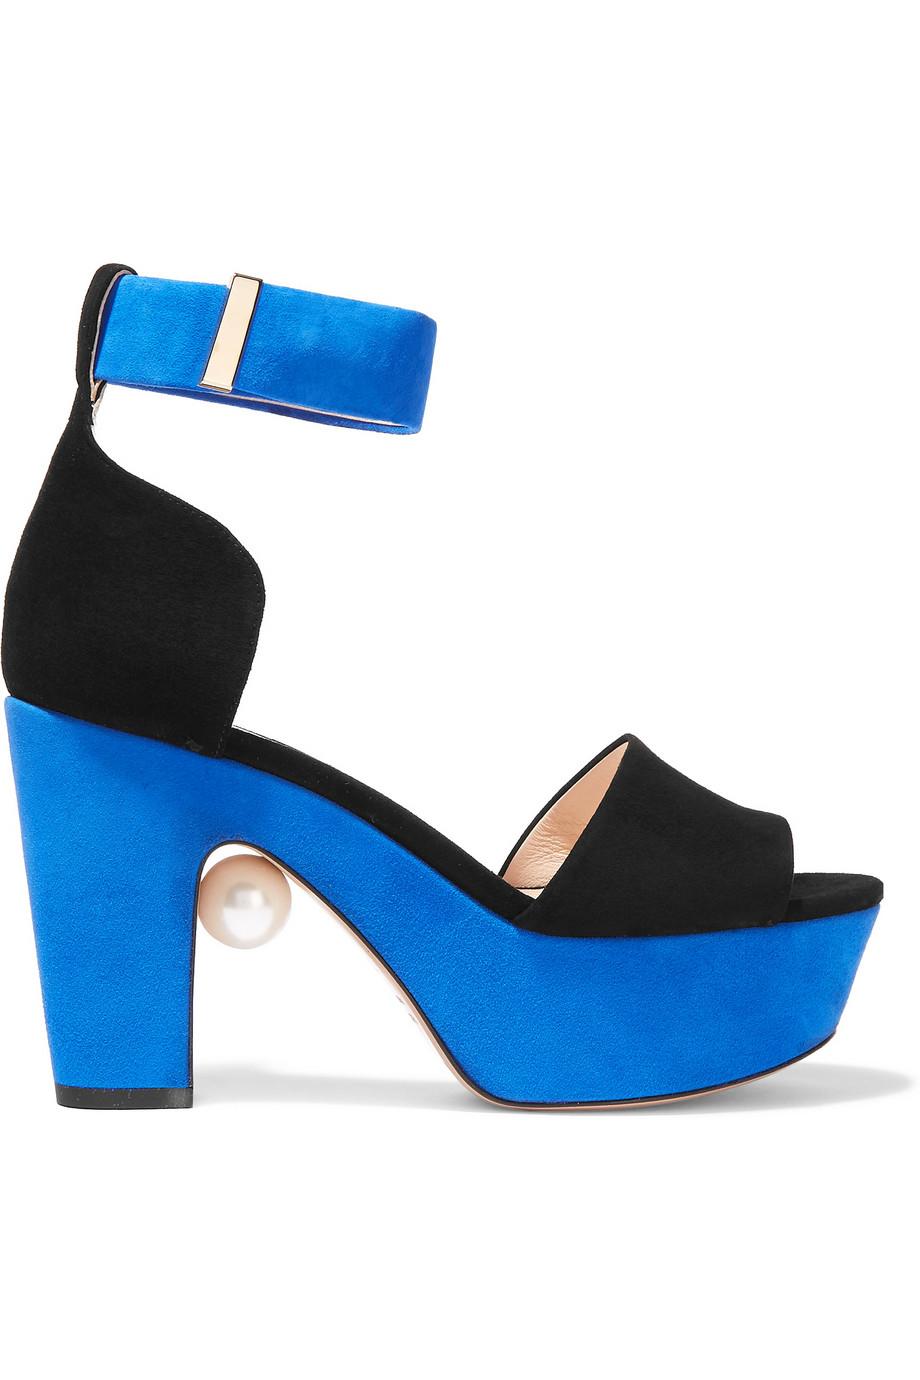 nicholas kirkwood two tone suede platform sandals in